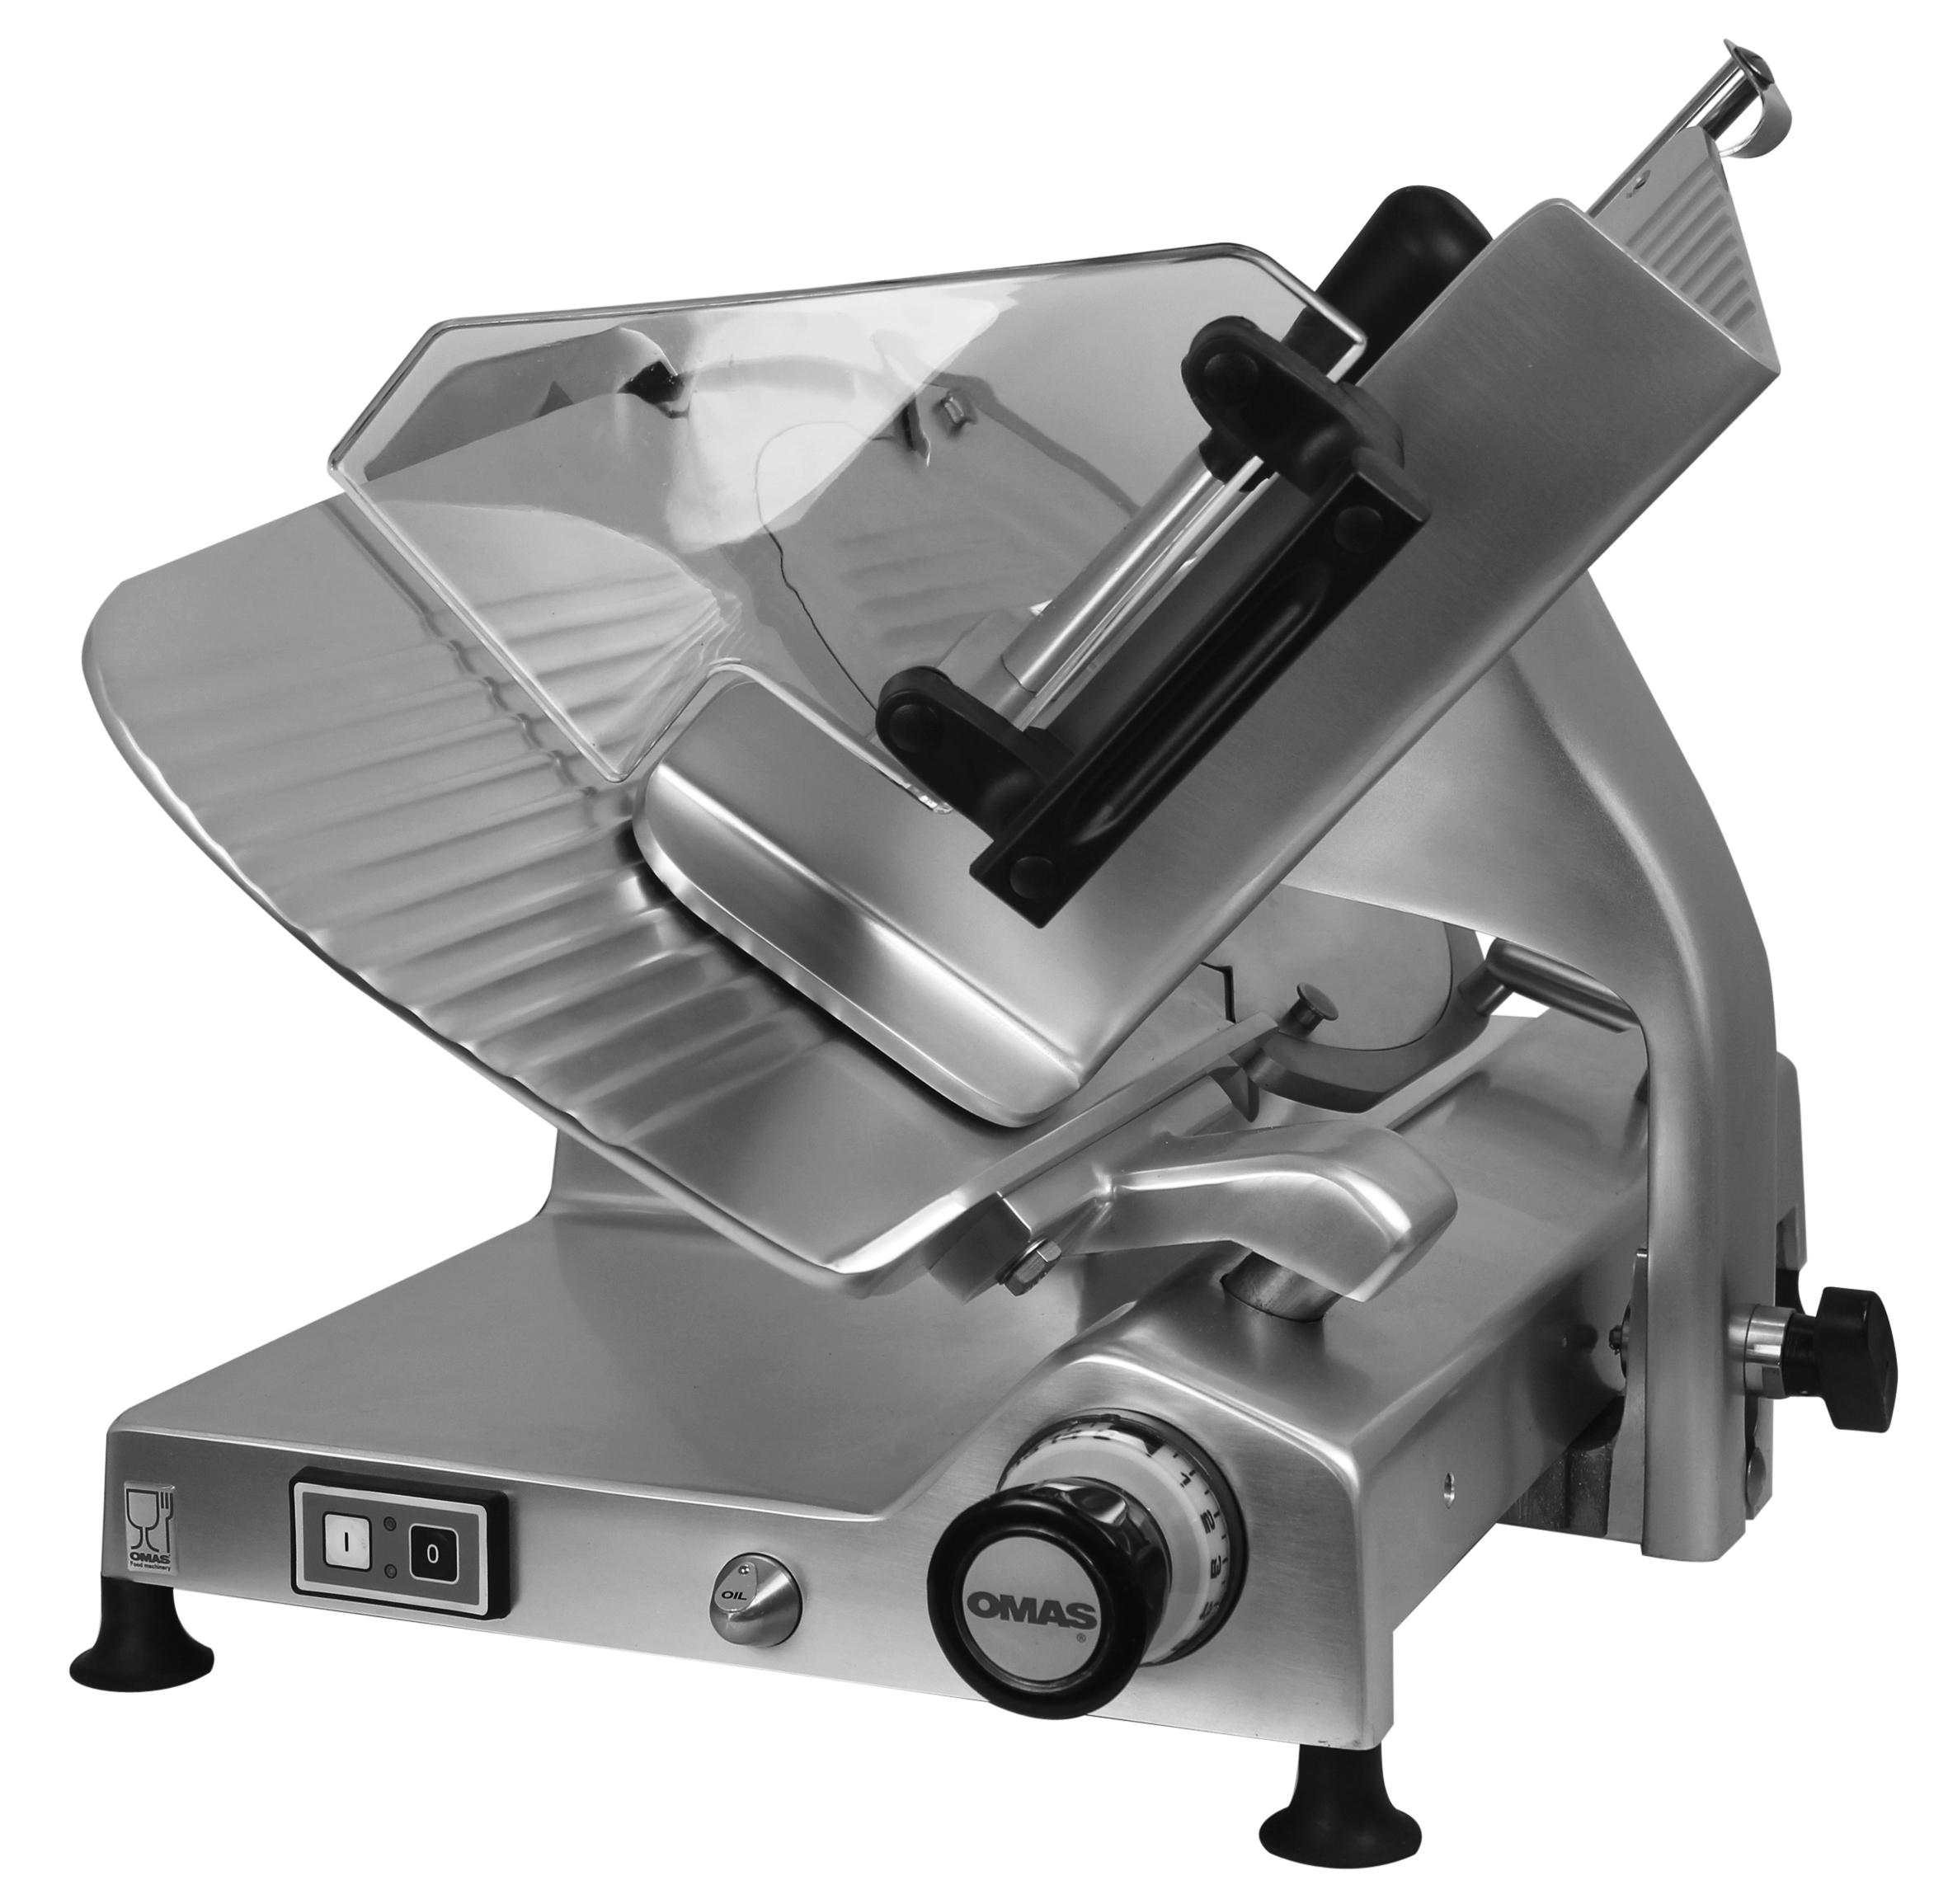 C30E/C35E Gear Driven Slicer